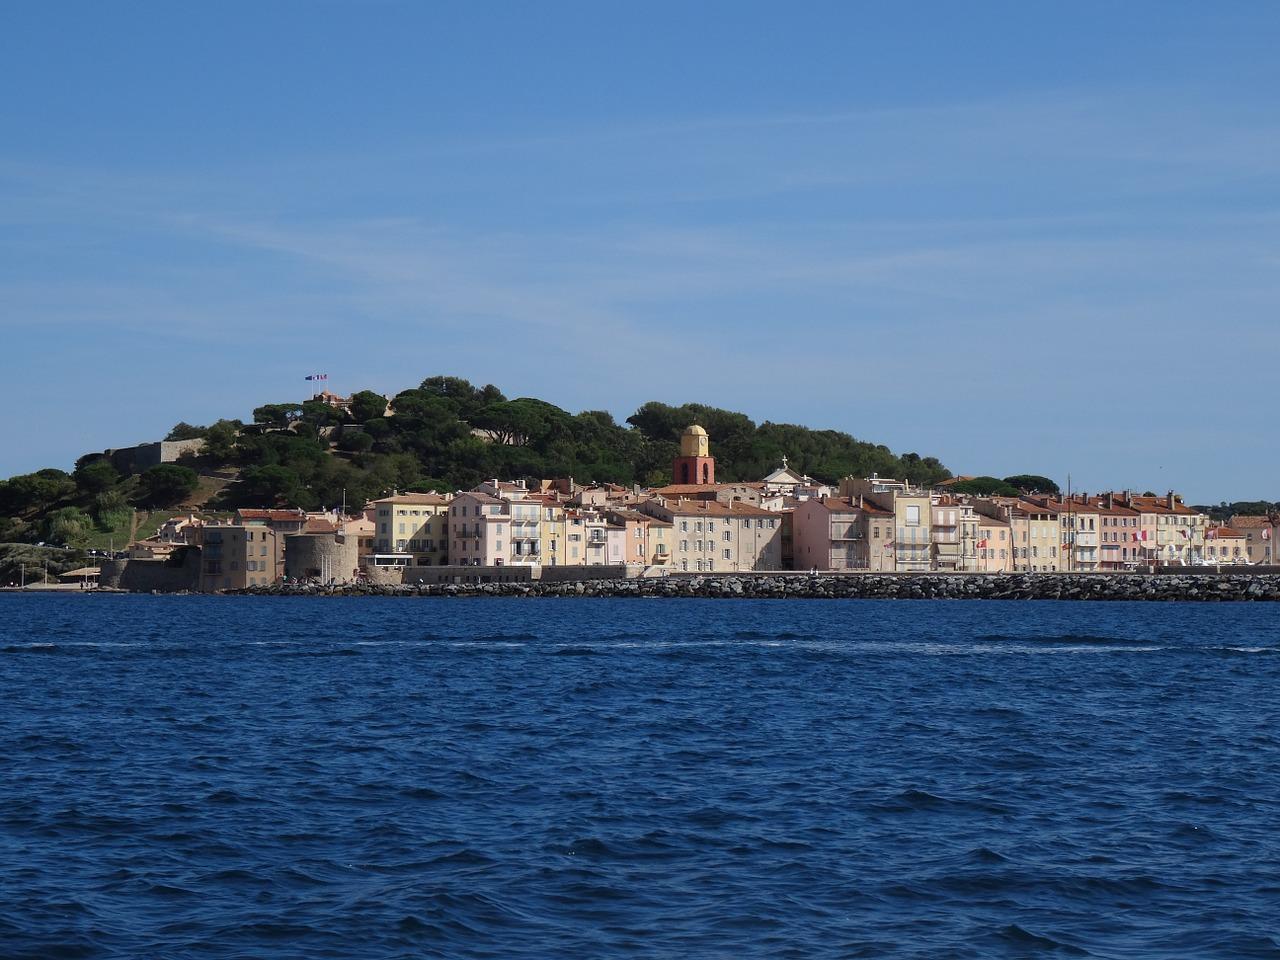 Luxus-Tauchurlaub an der Côte d'Azur – auch mit kleinem Budget